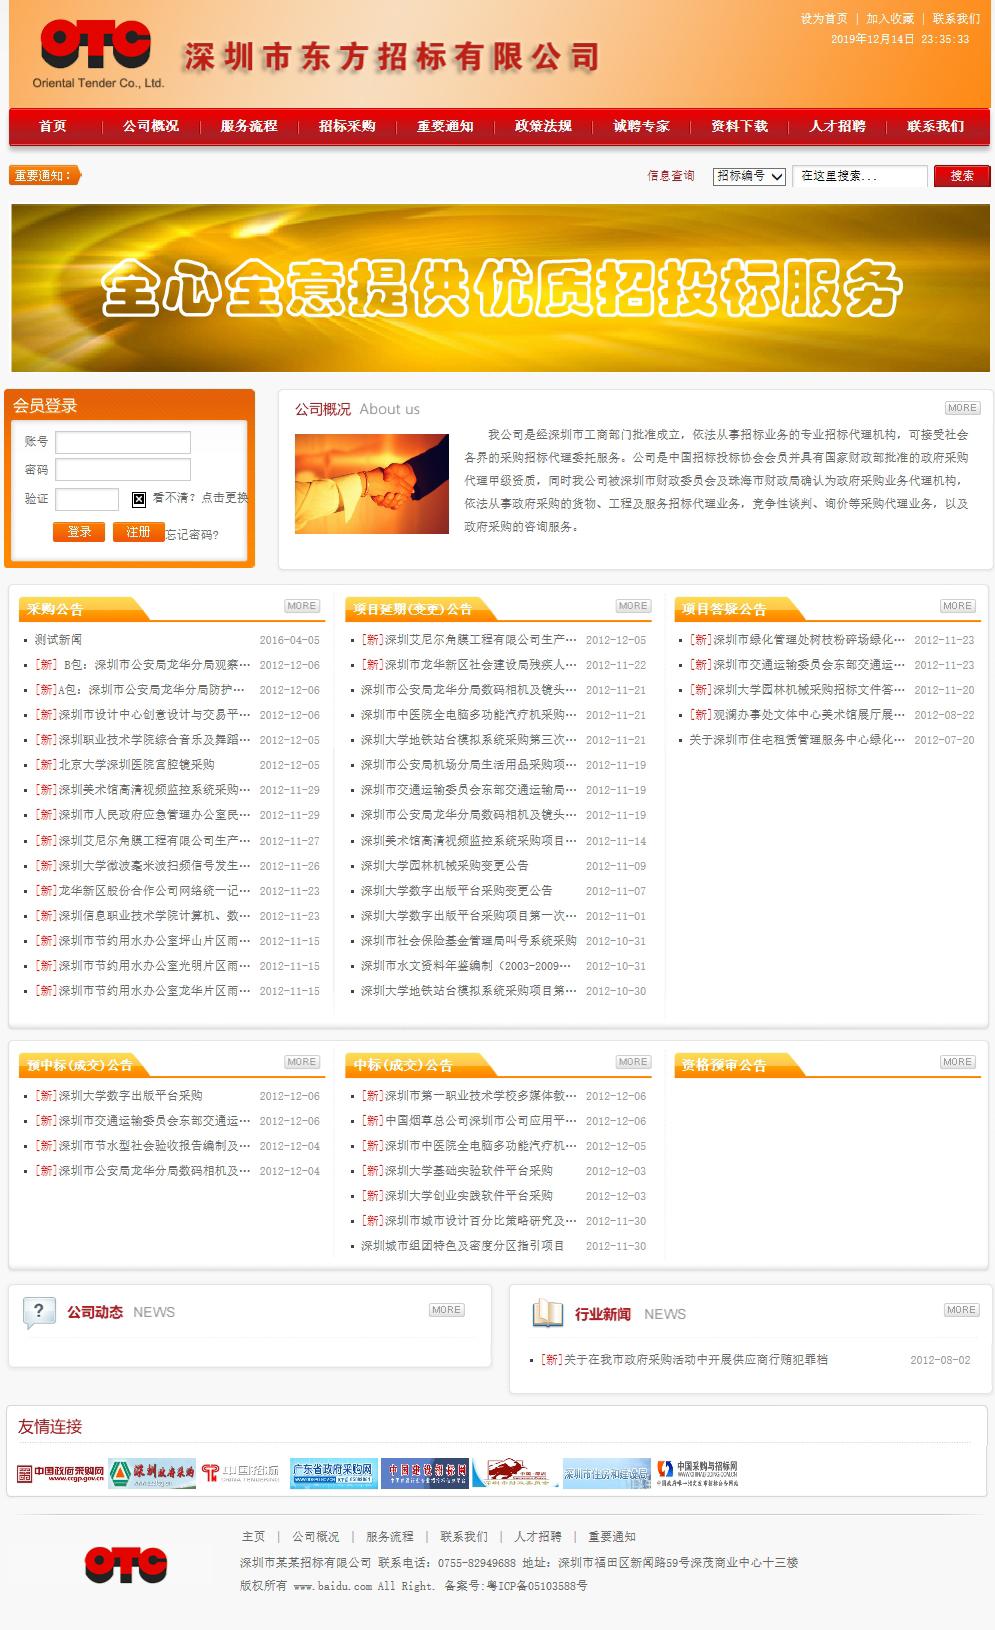 织梦dedecms红黄色招标企业网站整站源码